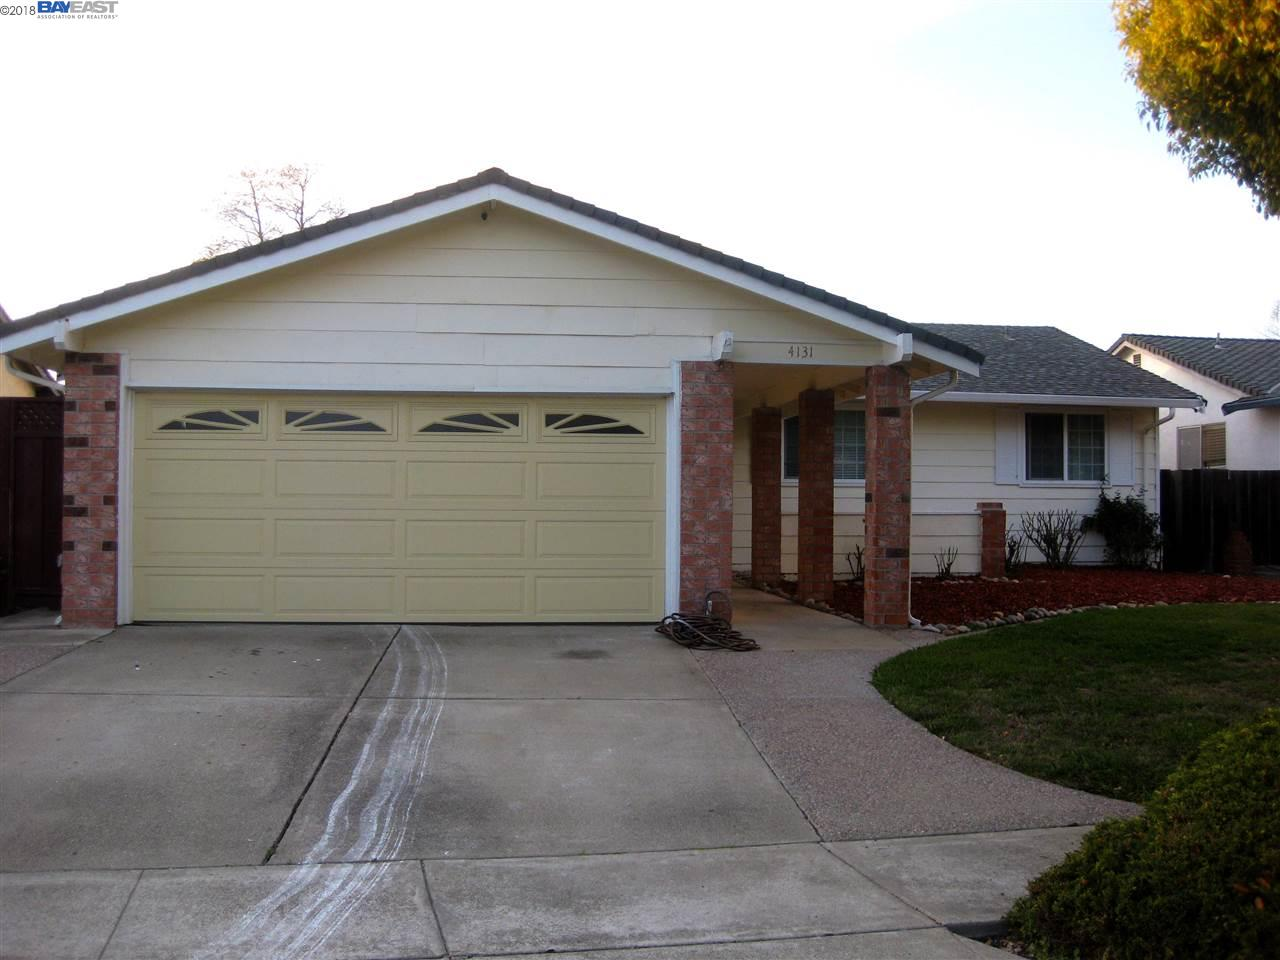 一戸建て のために 売買 アット 4131 BOYLE Drive 4131 BOYLE Drive Fremont, カリフォルニア 94536 アメリカ合衆国